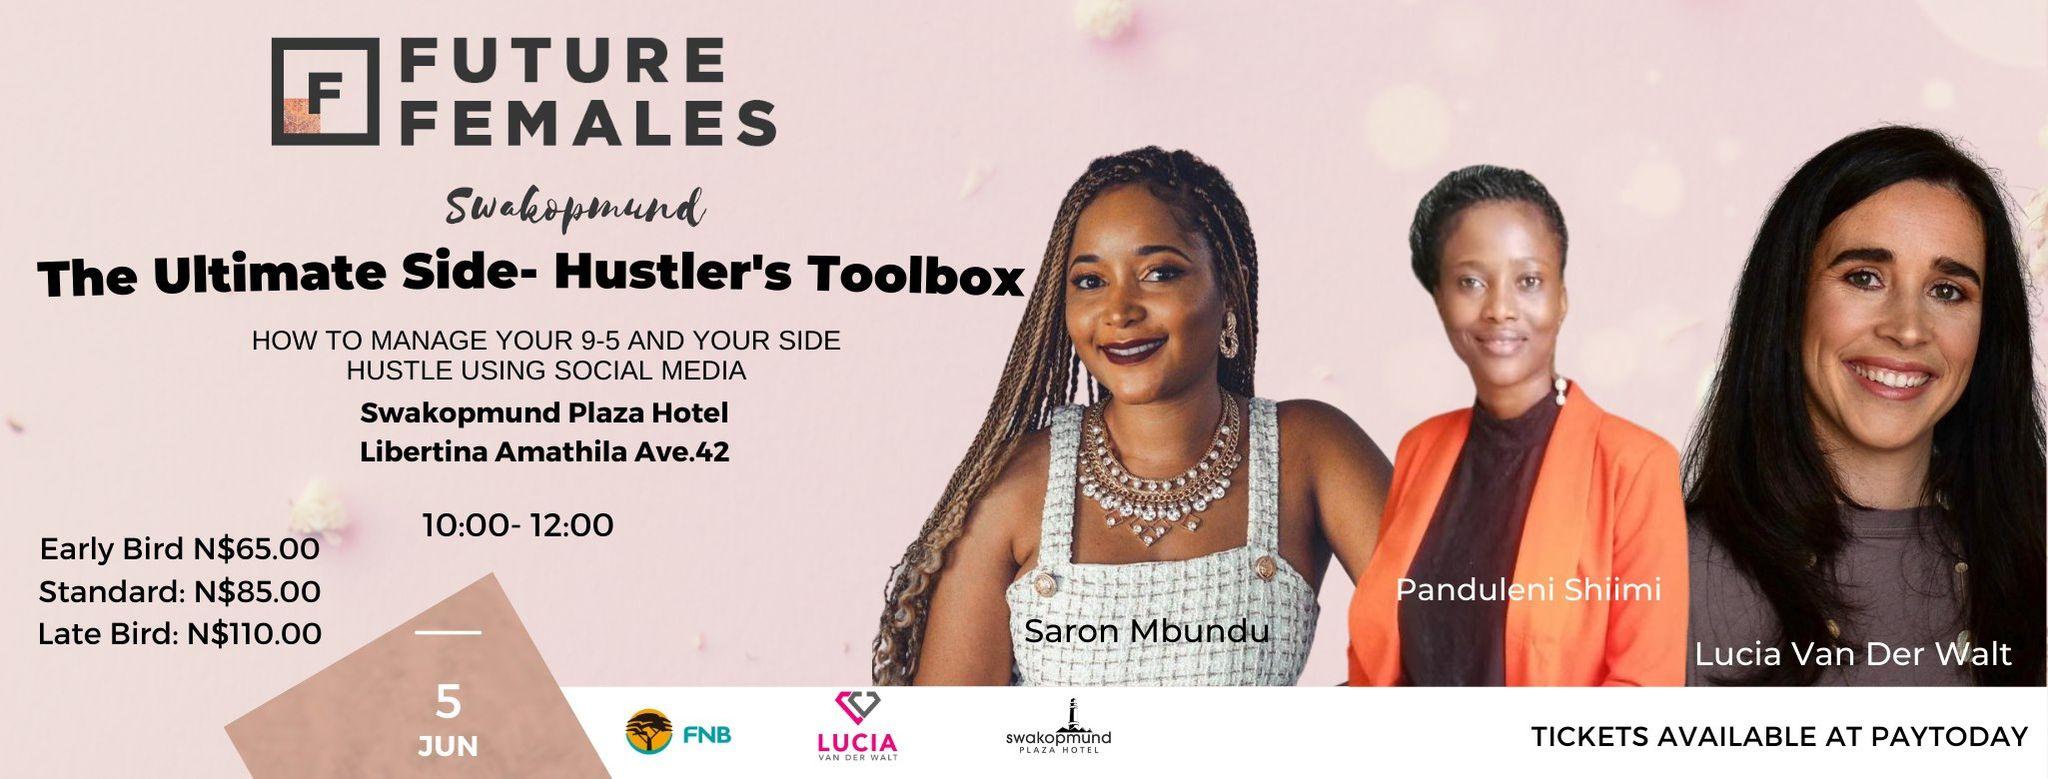 Future Females Swakopmund Event - 5 June